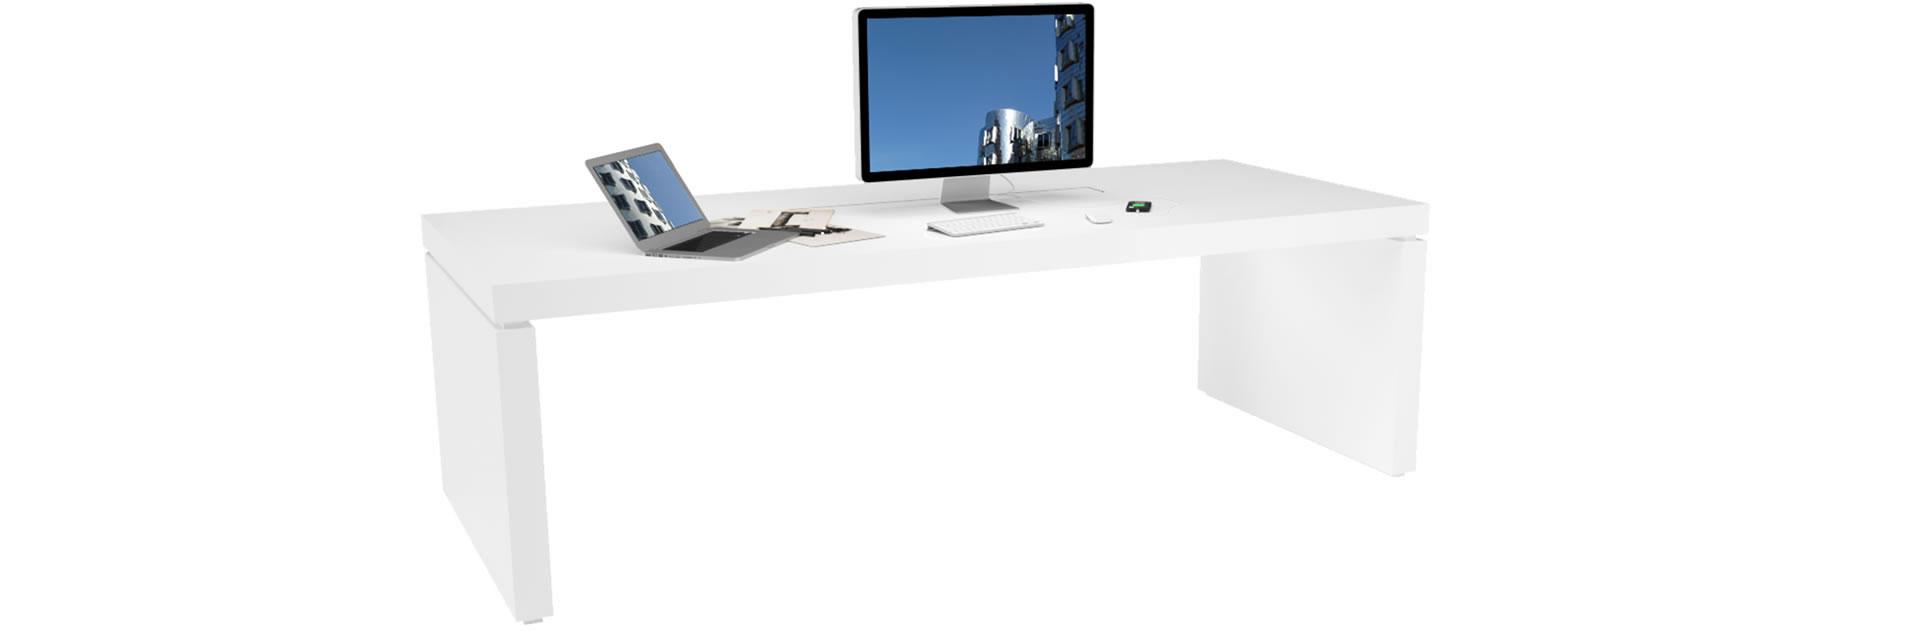 boss schreibtisch praefectus online vergleichen pur design. Black Bedroom Furniture Sets. Home Design Ideas